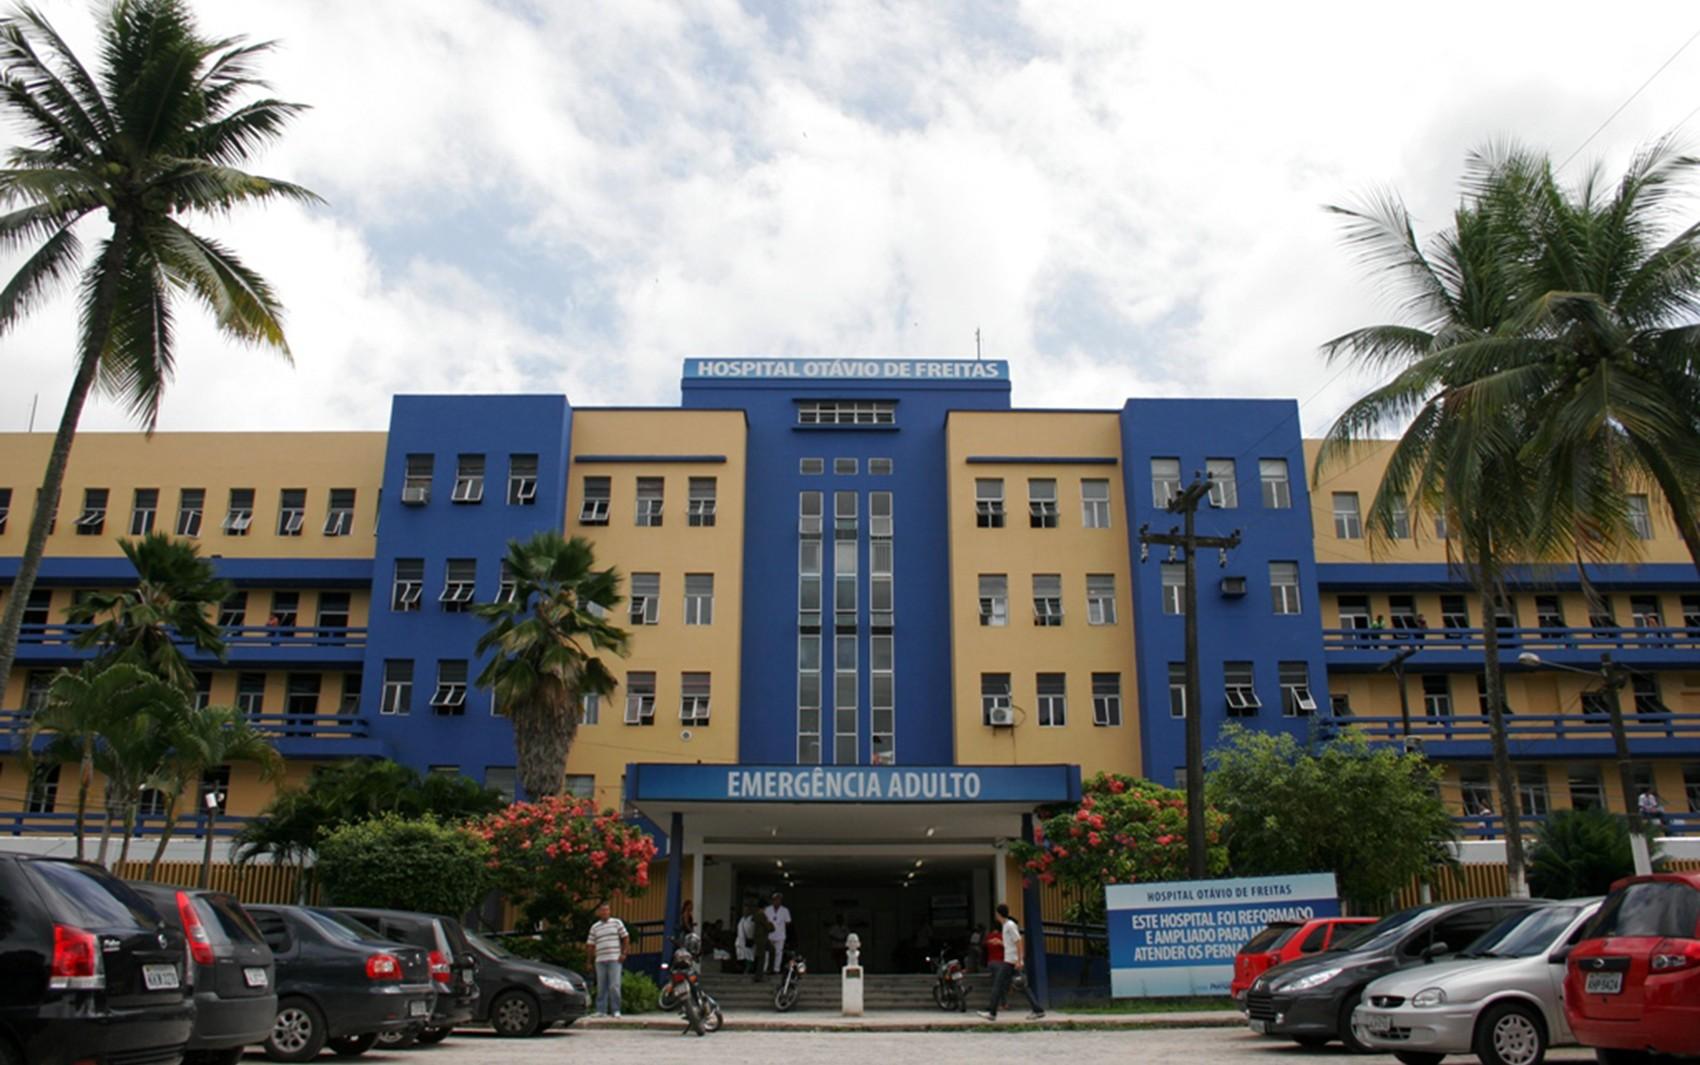 Preso foge enquanto esperava por cirurgia em hospital do Recife